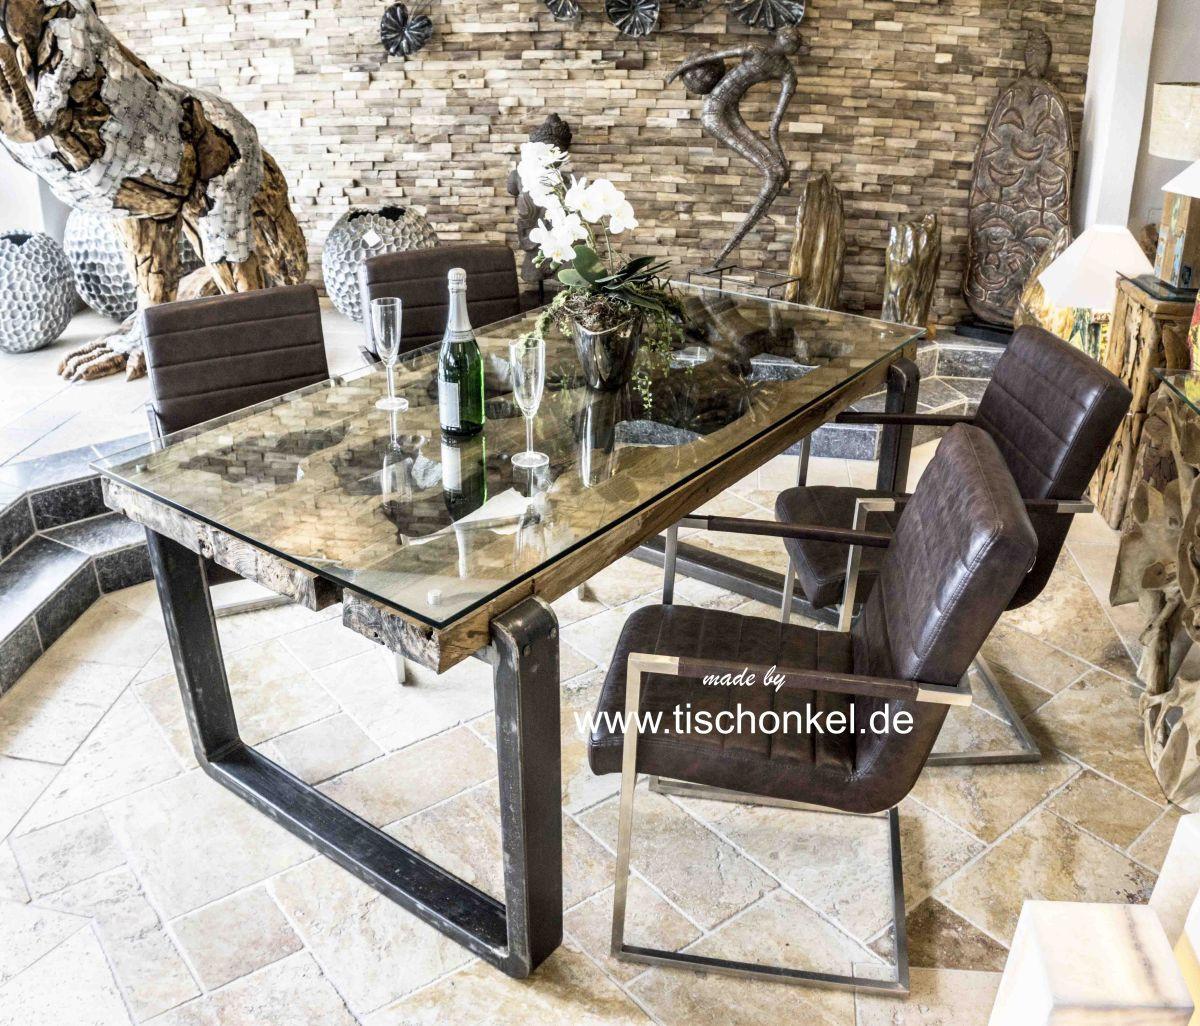 Nageldesign Tisch Mit Absaugung  Tisch Mit Best Mit With Tisch Mit Nageldesign Tisch